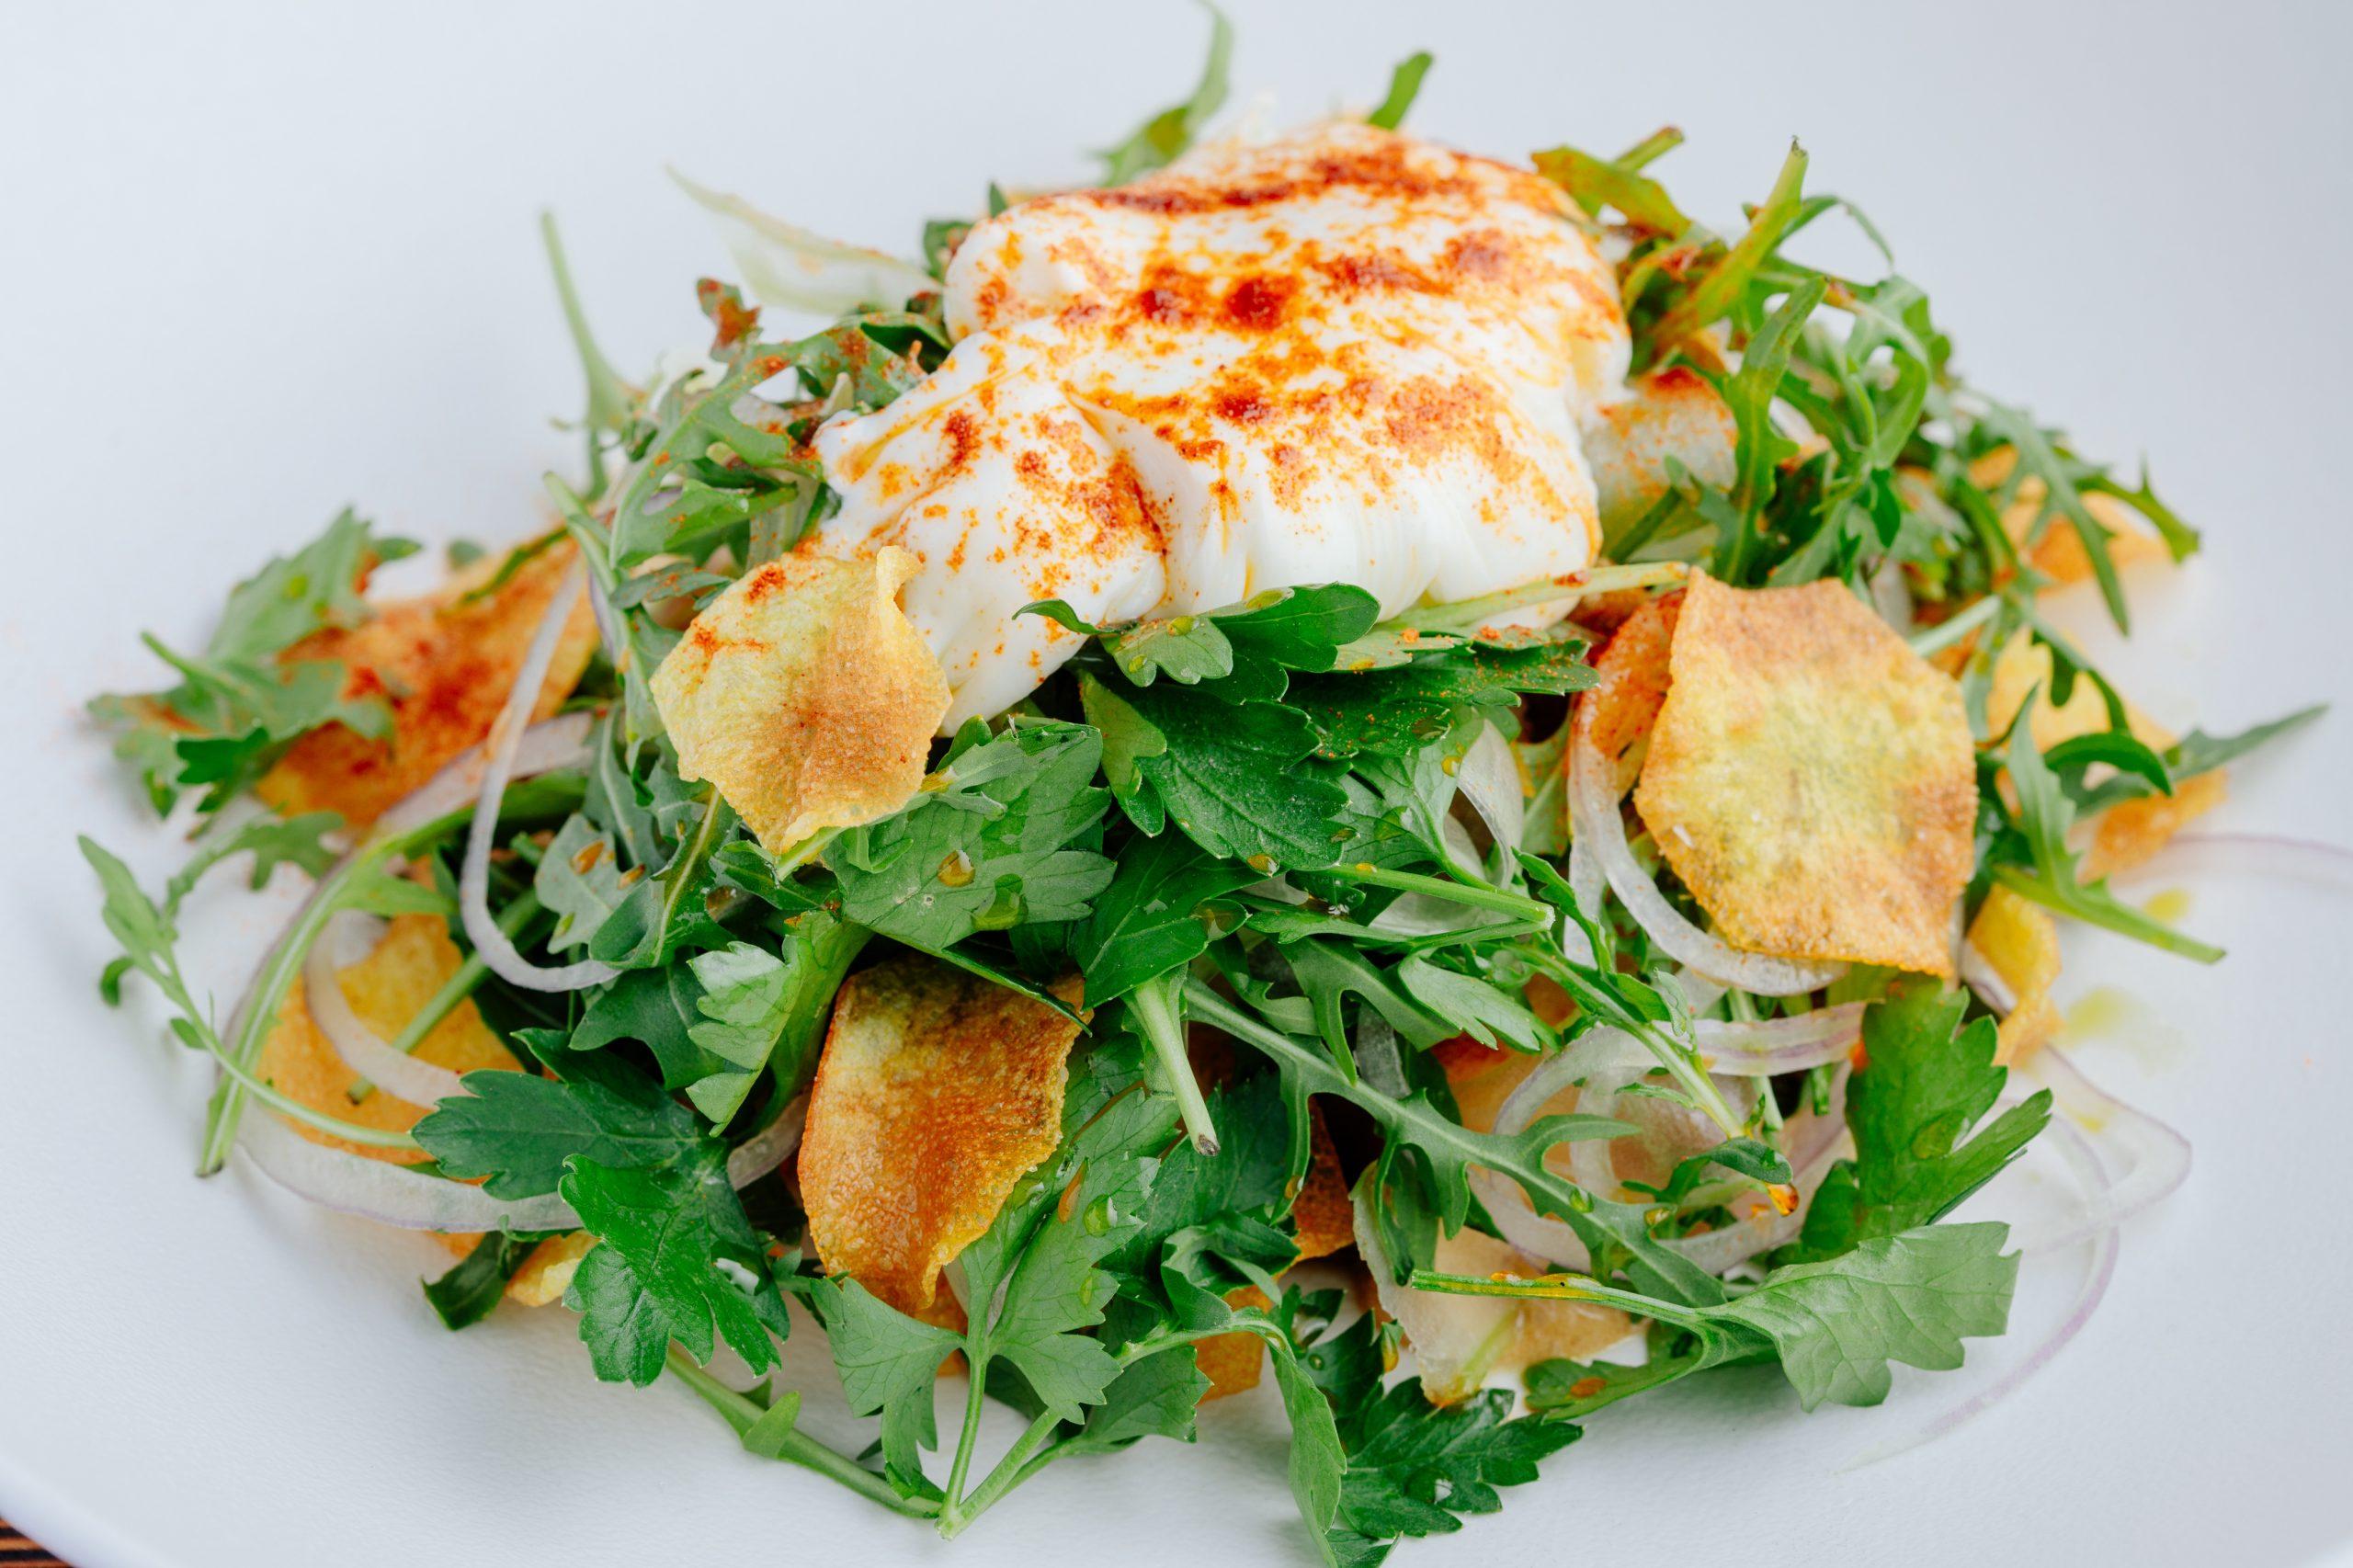 Салат с техасским брискетом, муссом из копченого сыра и горчицей, с картофельными чипсами